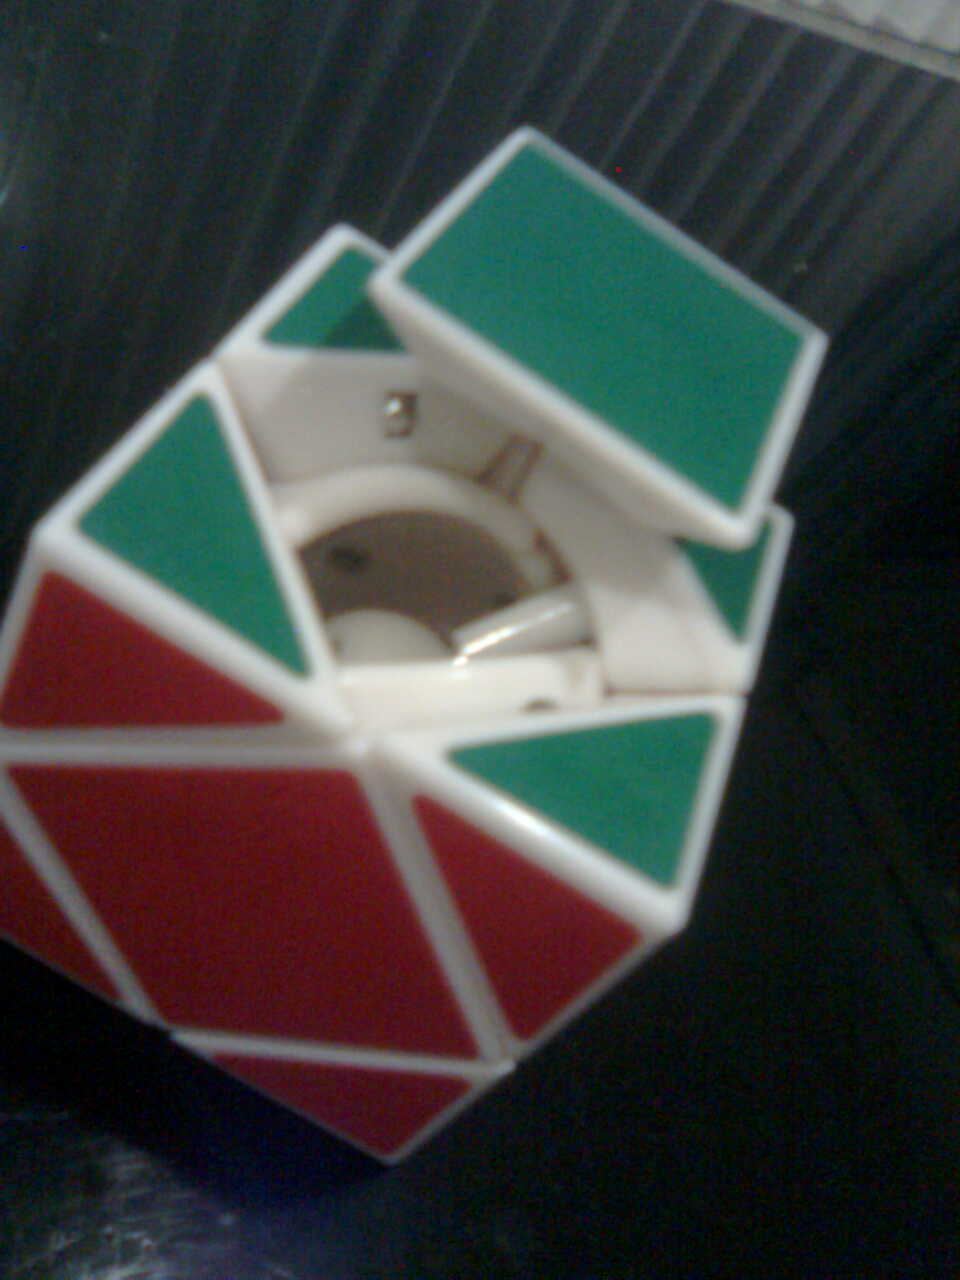 Skewb Mechanisms-Skewb Cube and Skewb Star Mechanisms